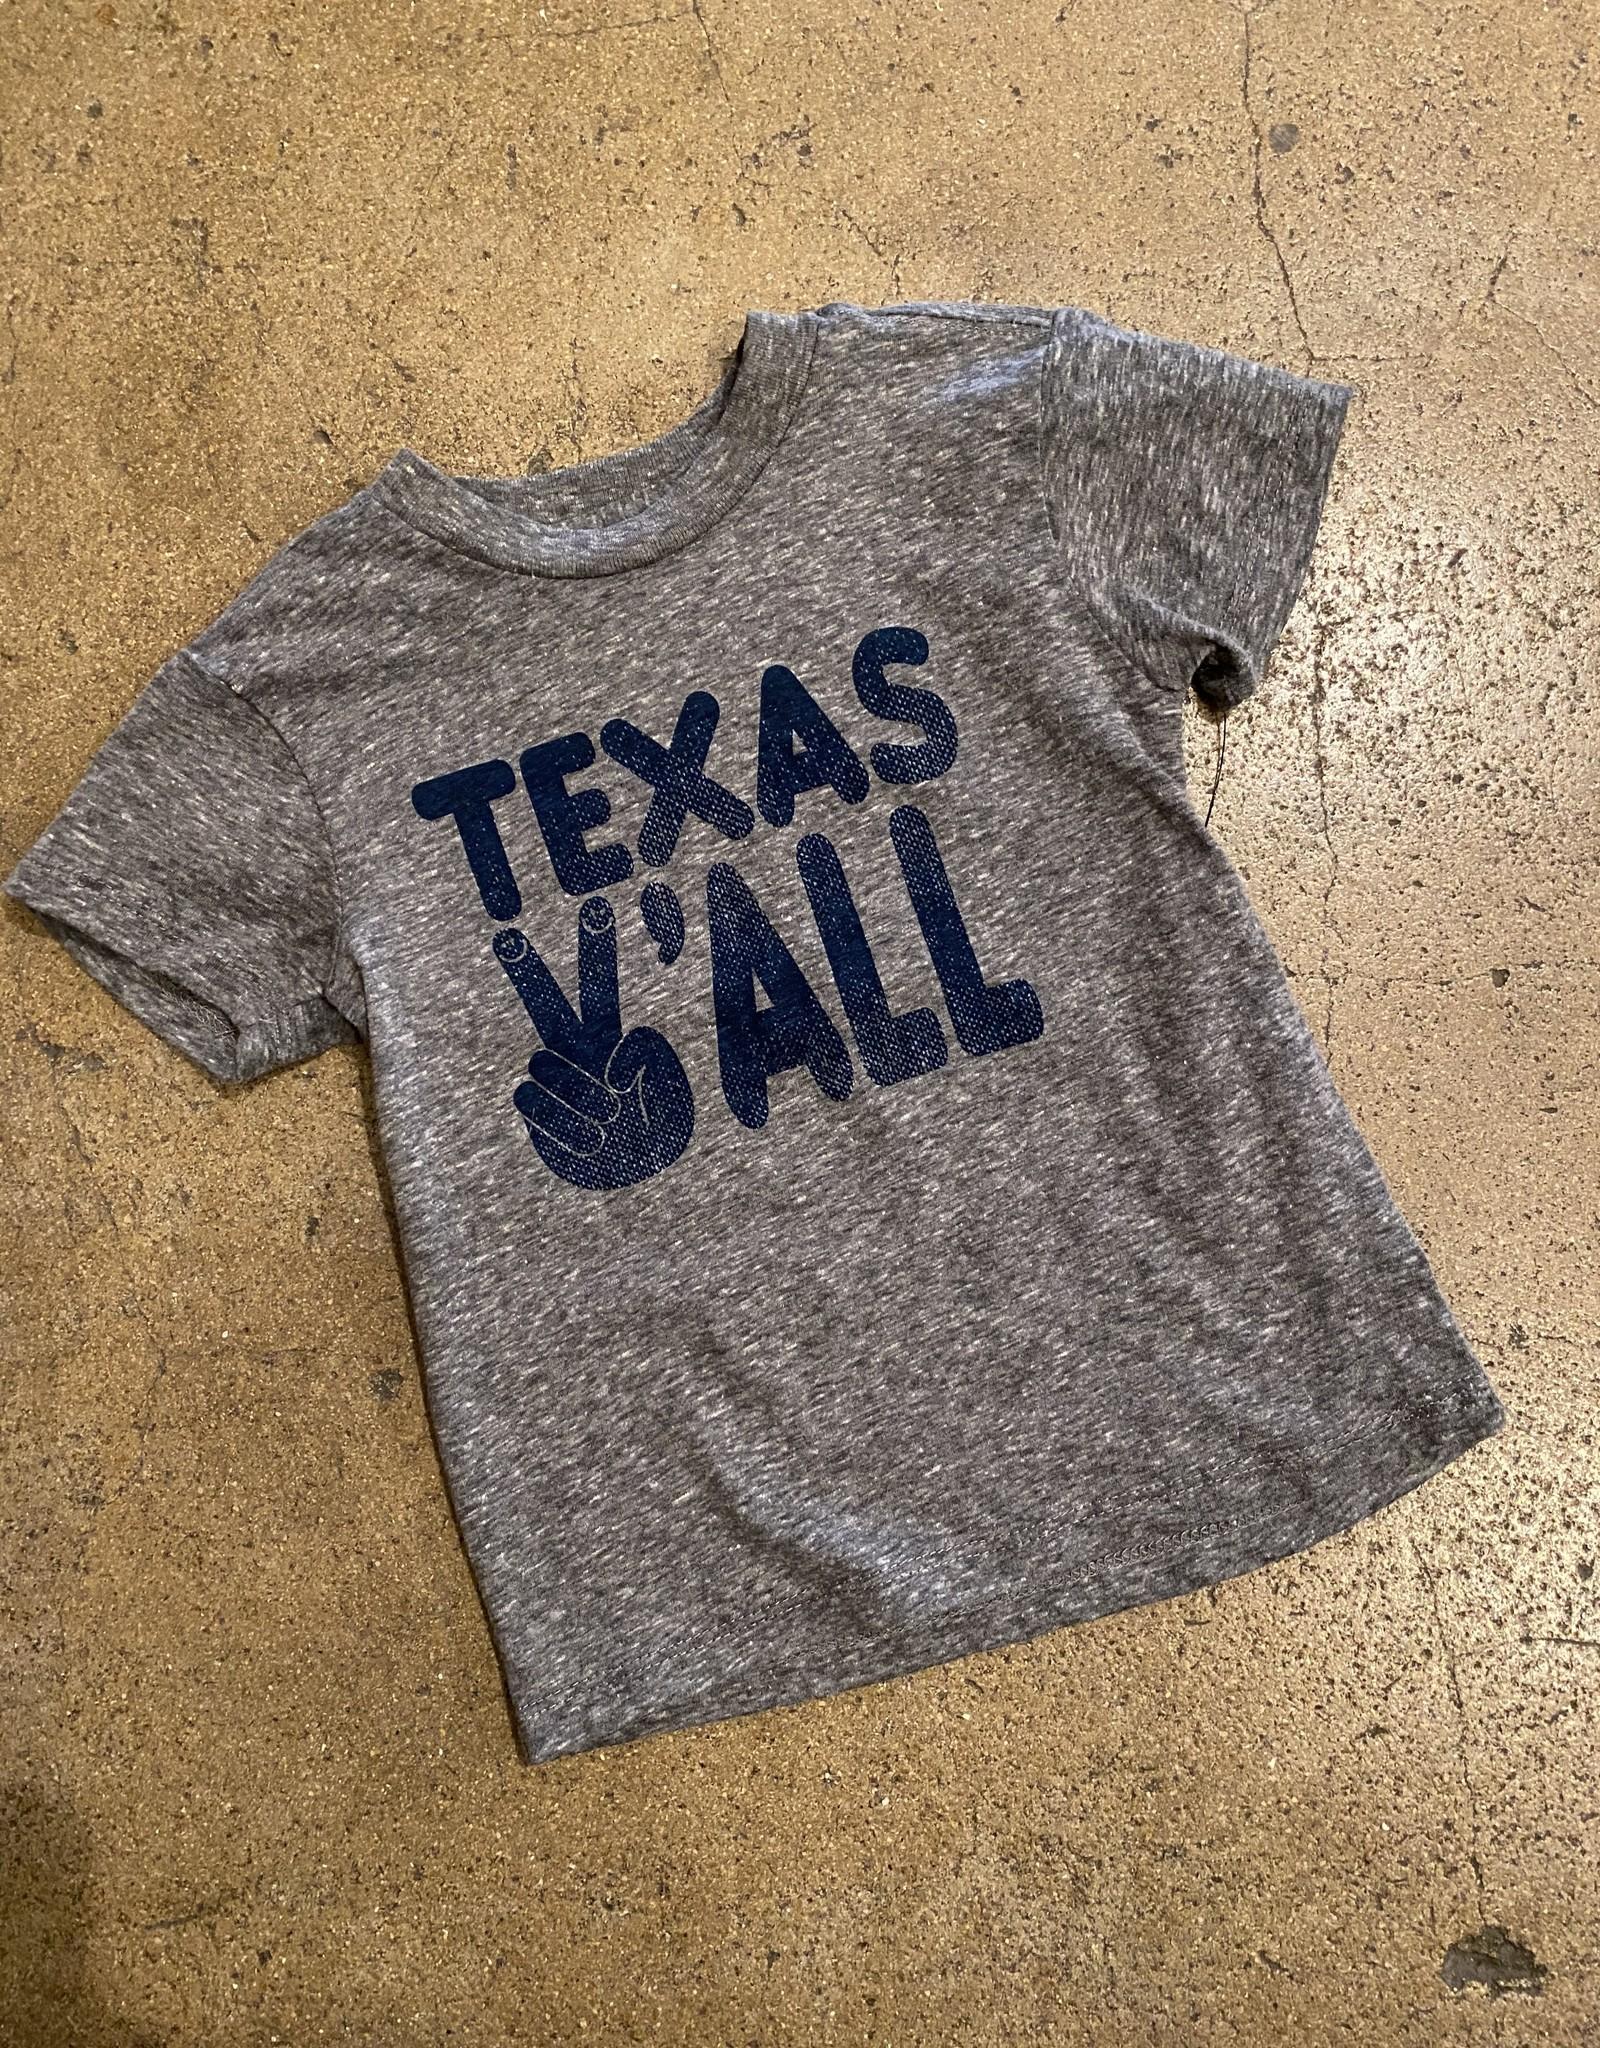 Baby Texas Y'all Tee